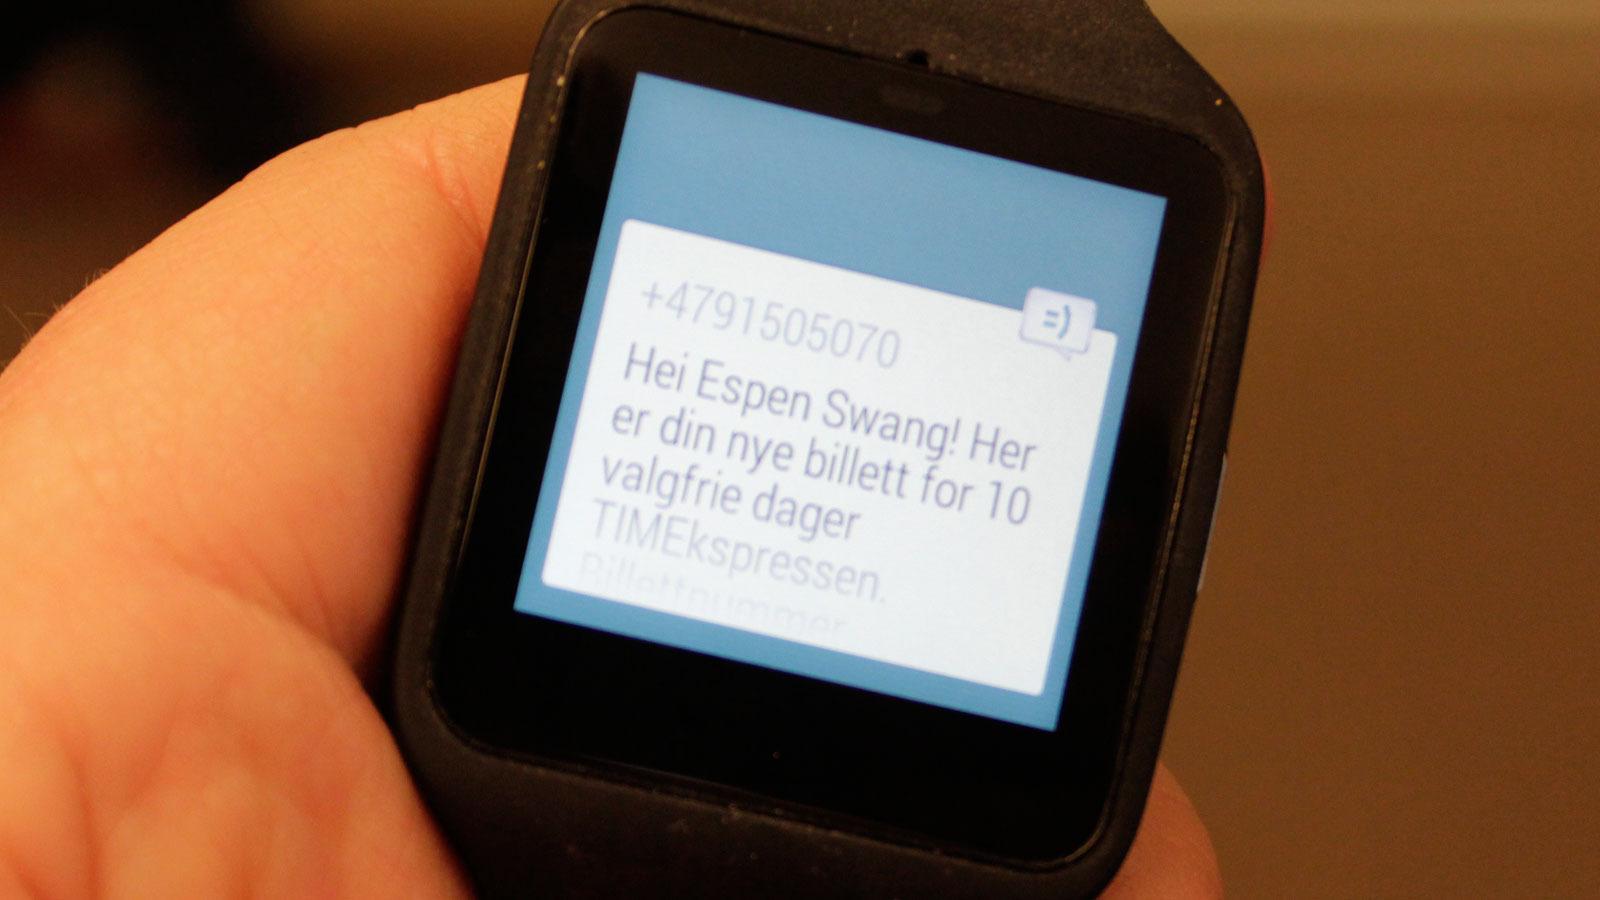 Slik kan det se ut når du mottar en SMS. I teorien kan du lese inn et svar.Foto: Espen Irwing Swang, Tek.no